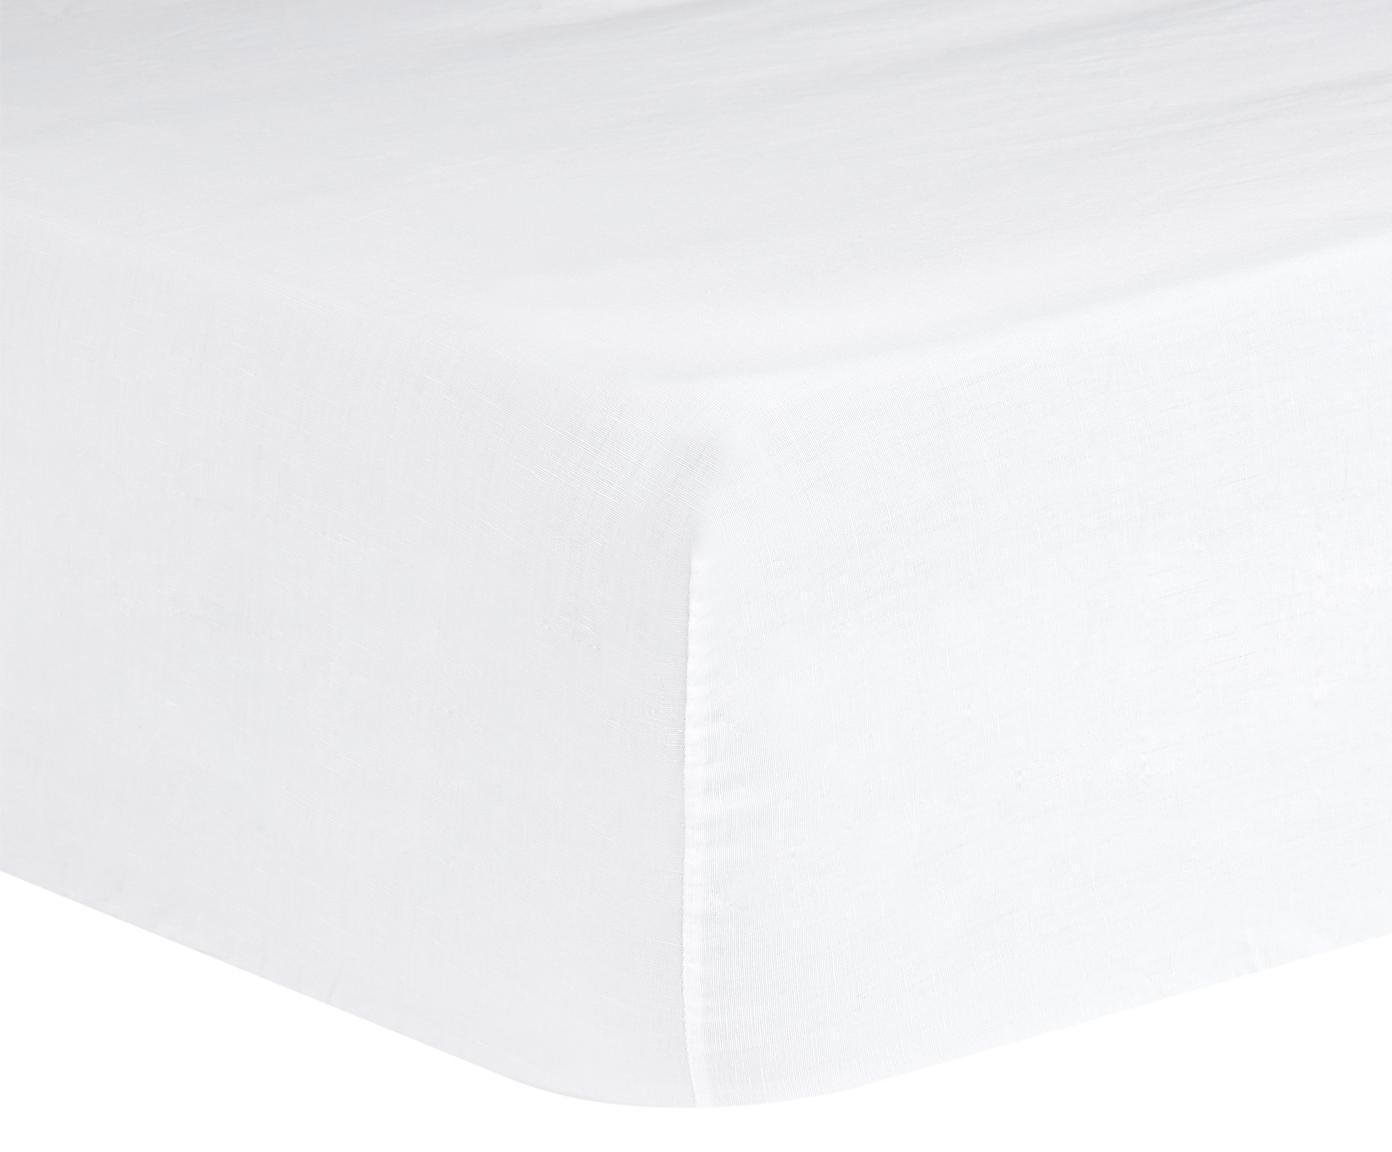 Spannbettlaken Nature, Leinen, 52% Leinen, 48% Baumwolle Mit Stonewash-Effekt für einen weichen Griff, Weiß, 90 x 200 cm